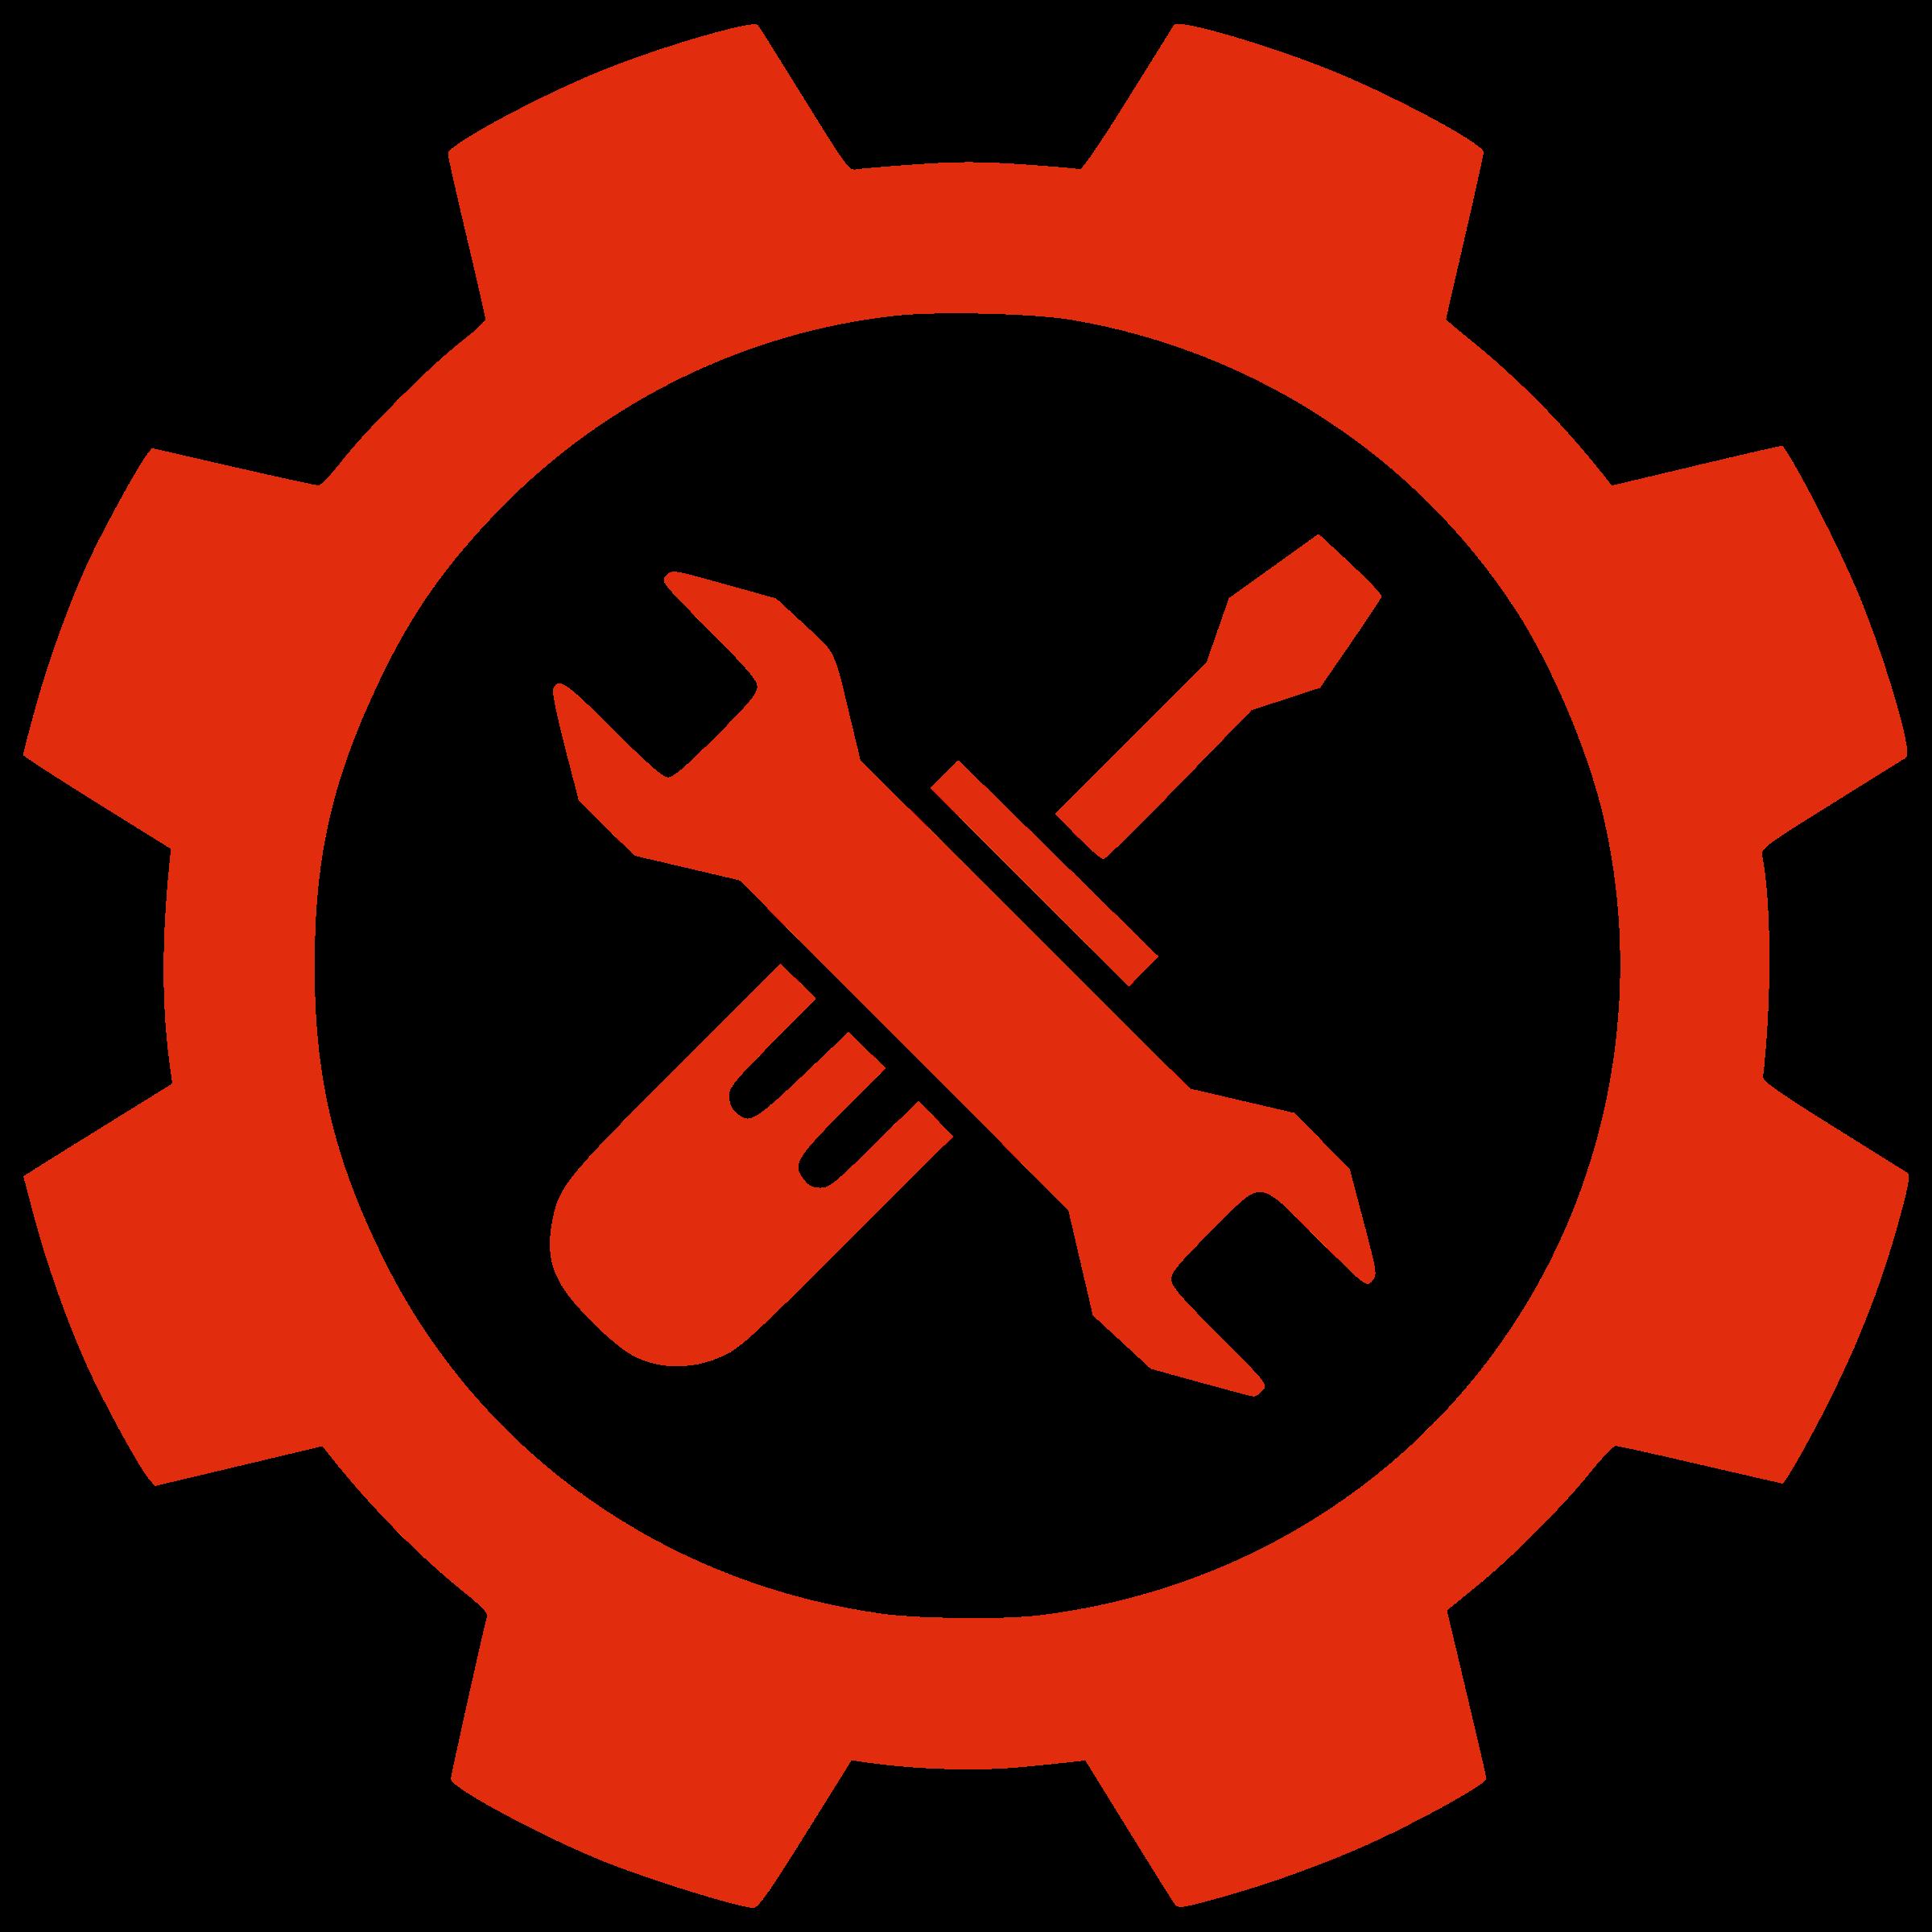 Gear clipart clock. Tools by ben an